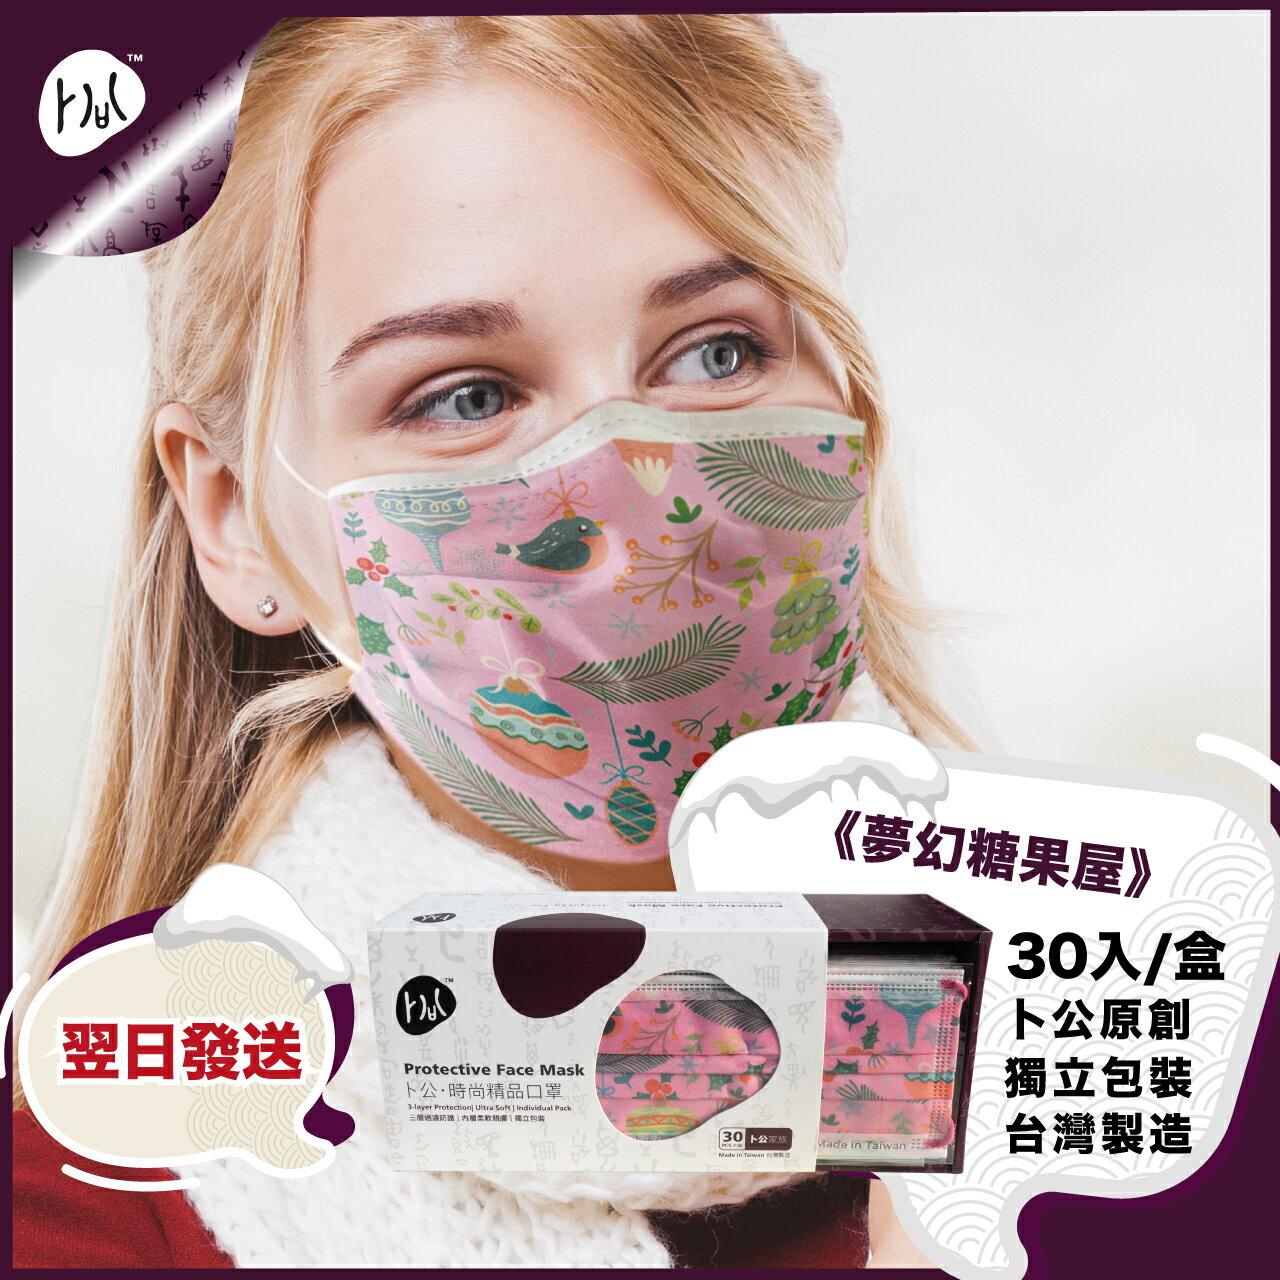 【卜公家族】《夢幻糖果屋》時尚口罩 3層防護 30片/盒 禮盒裝~ 台灣製造